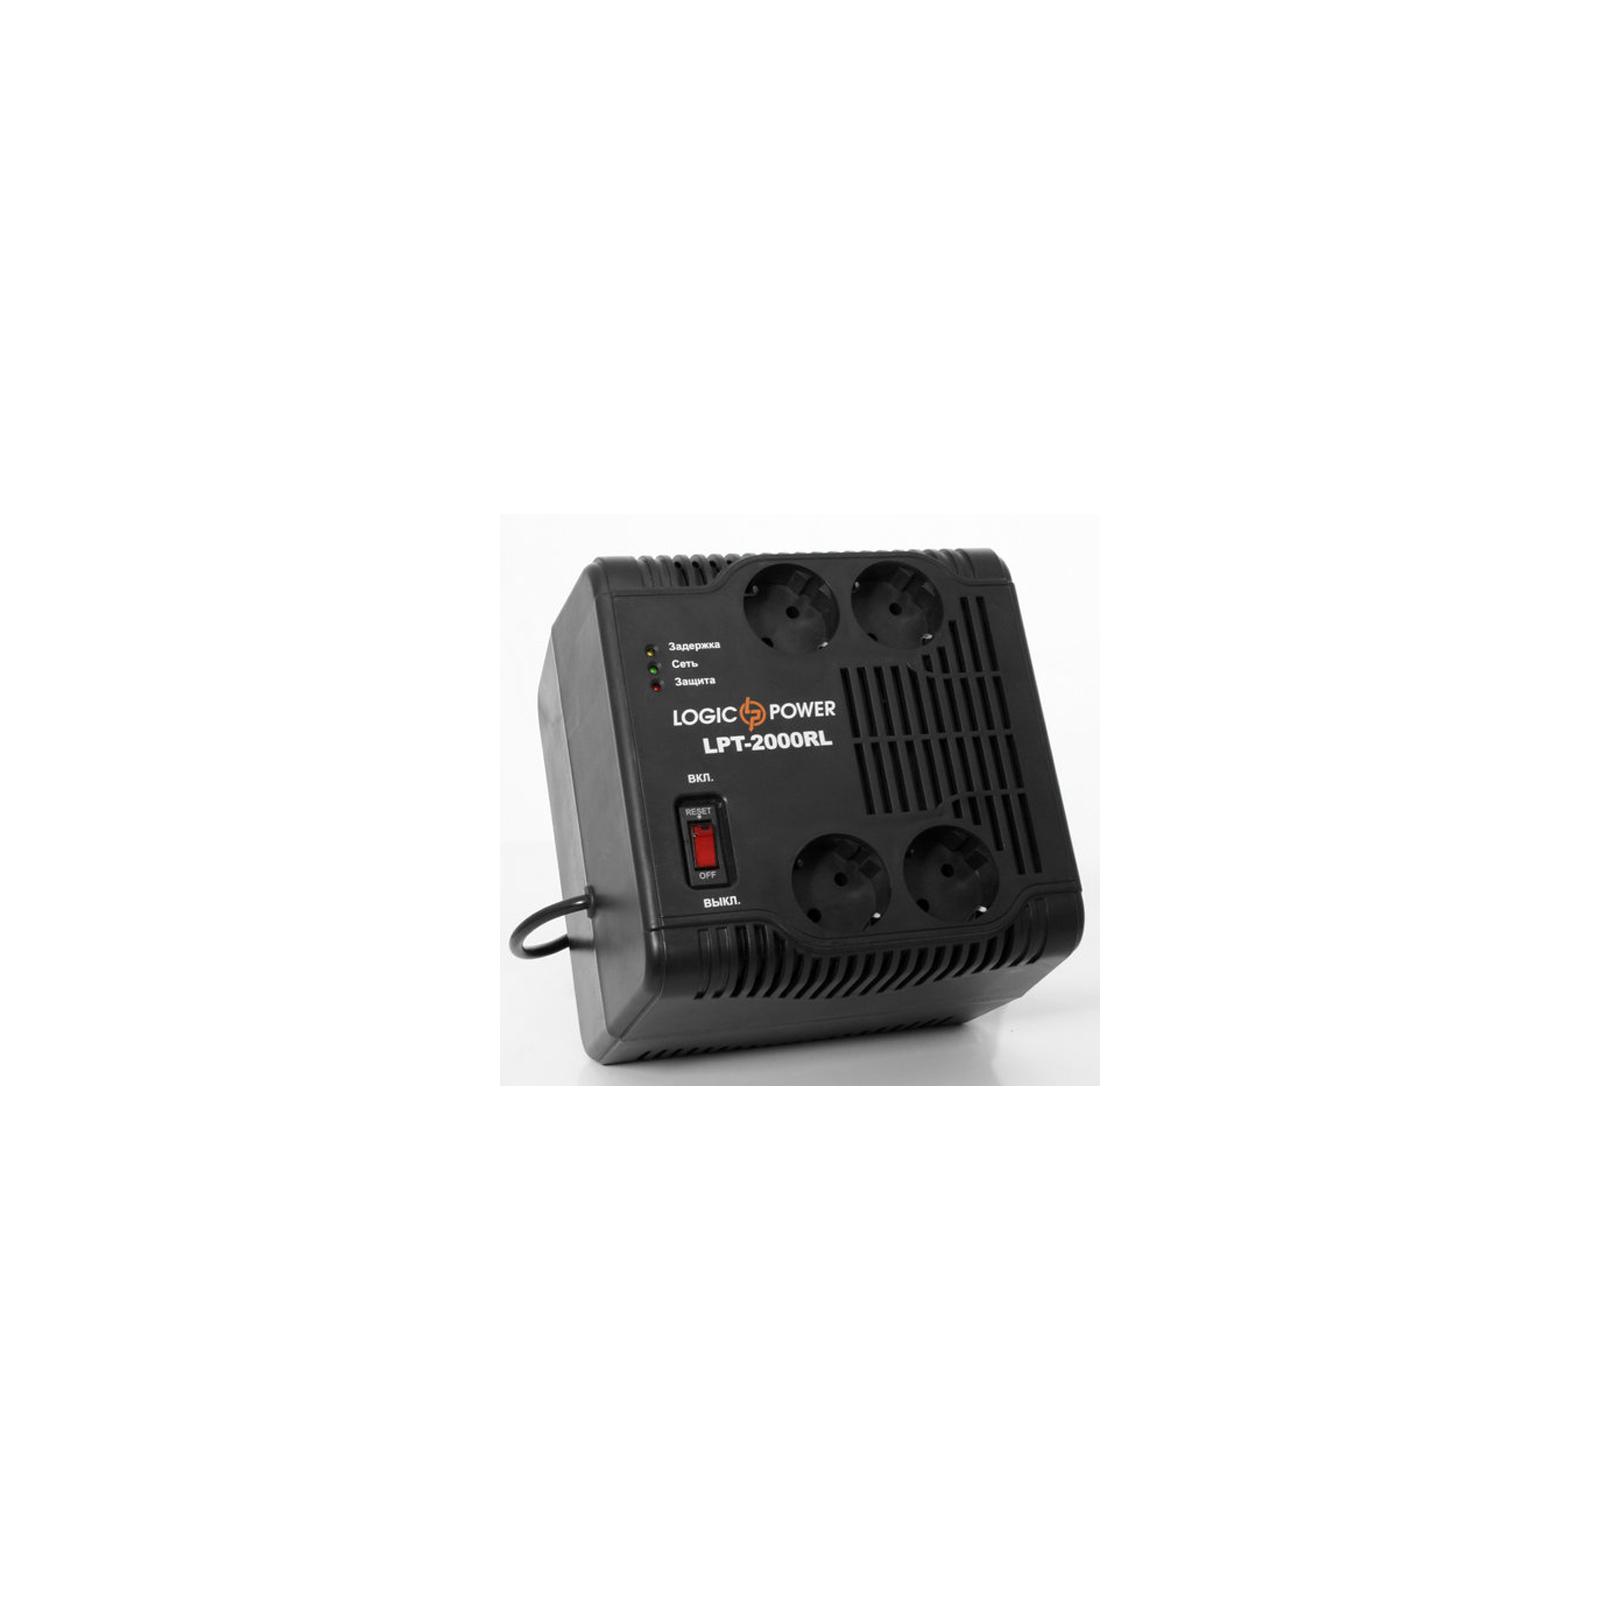 Стабилизатор LogicPower LPT-2000RL (3116) изображение 2